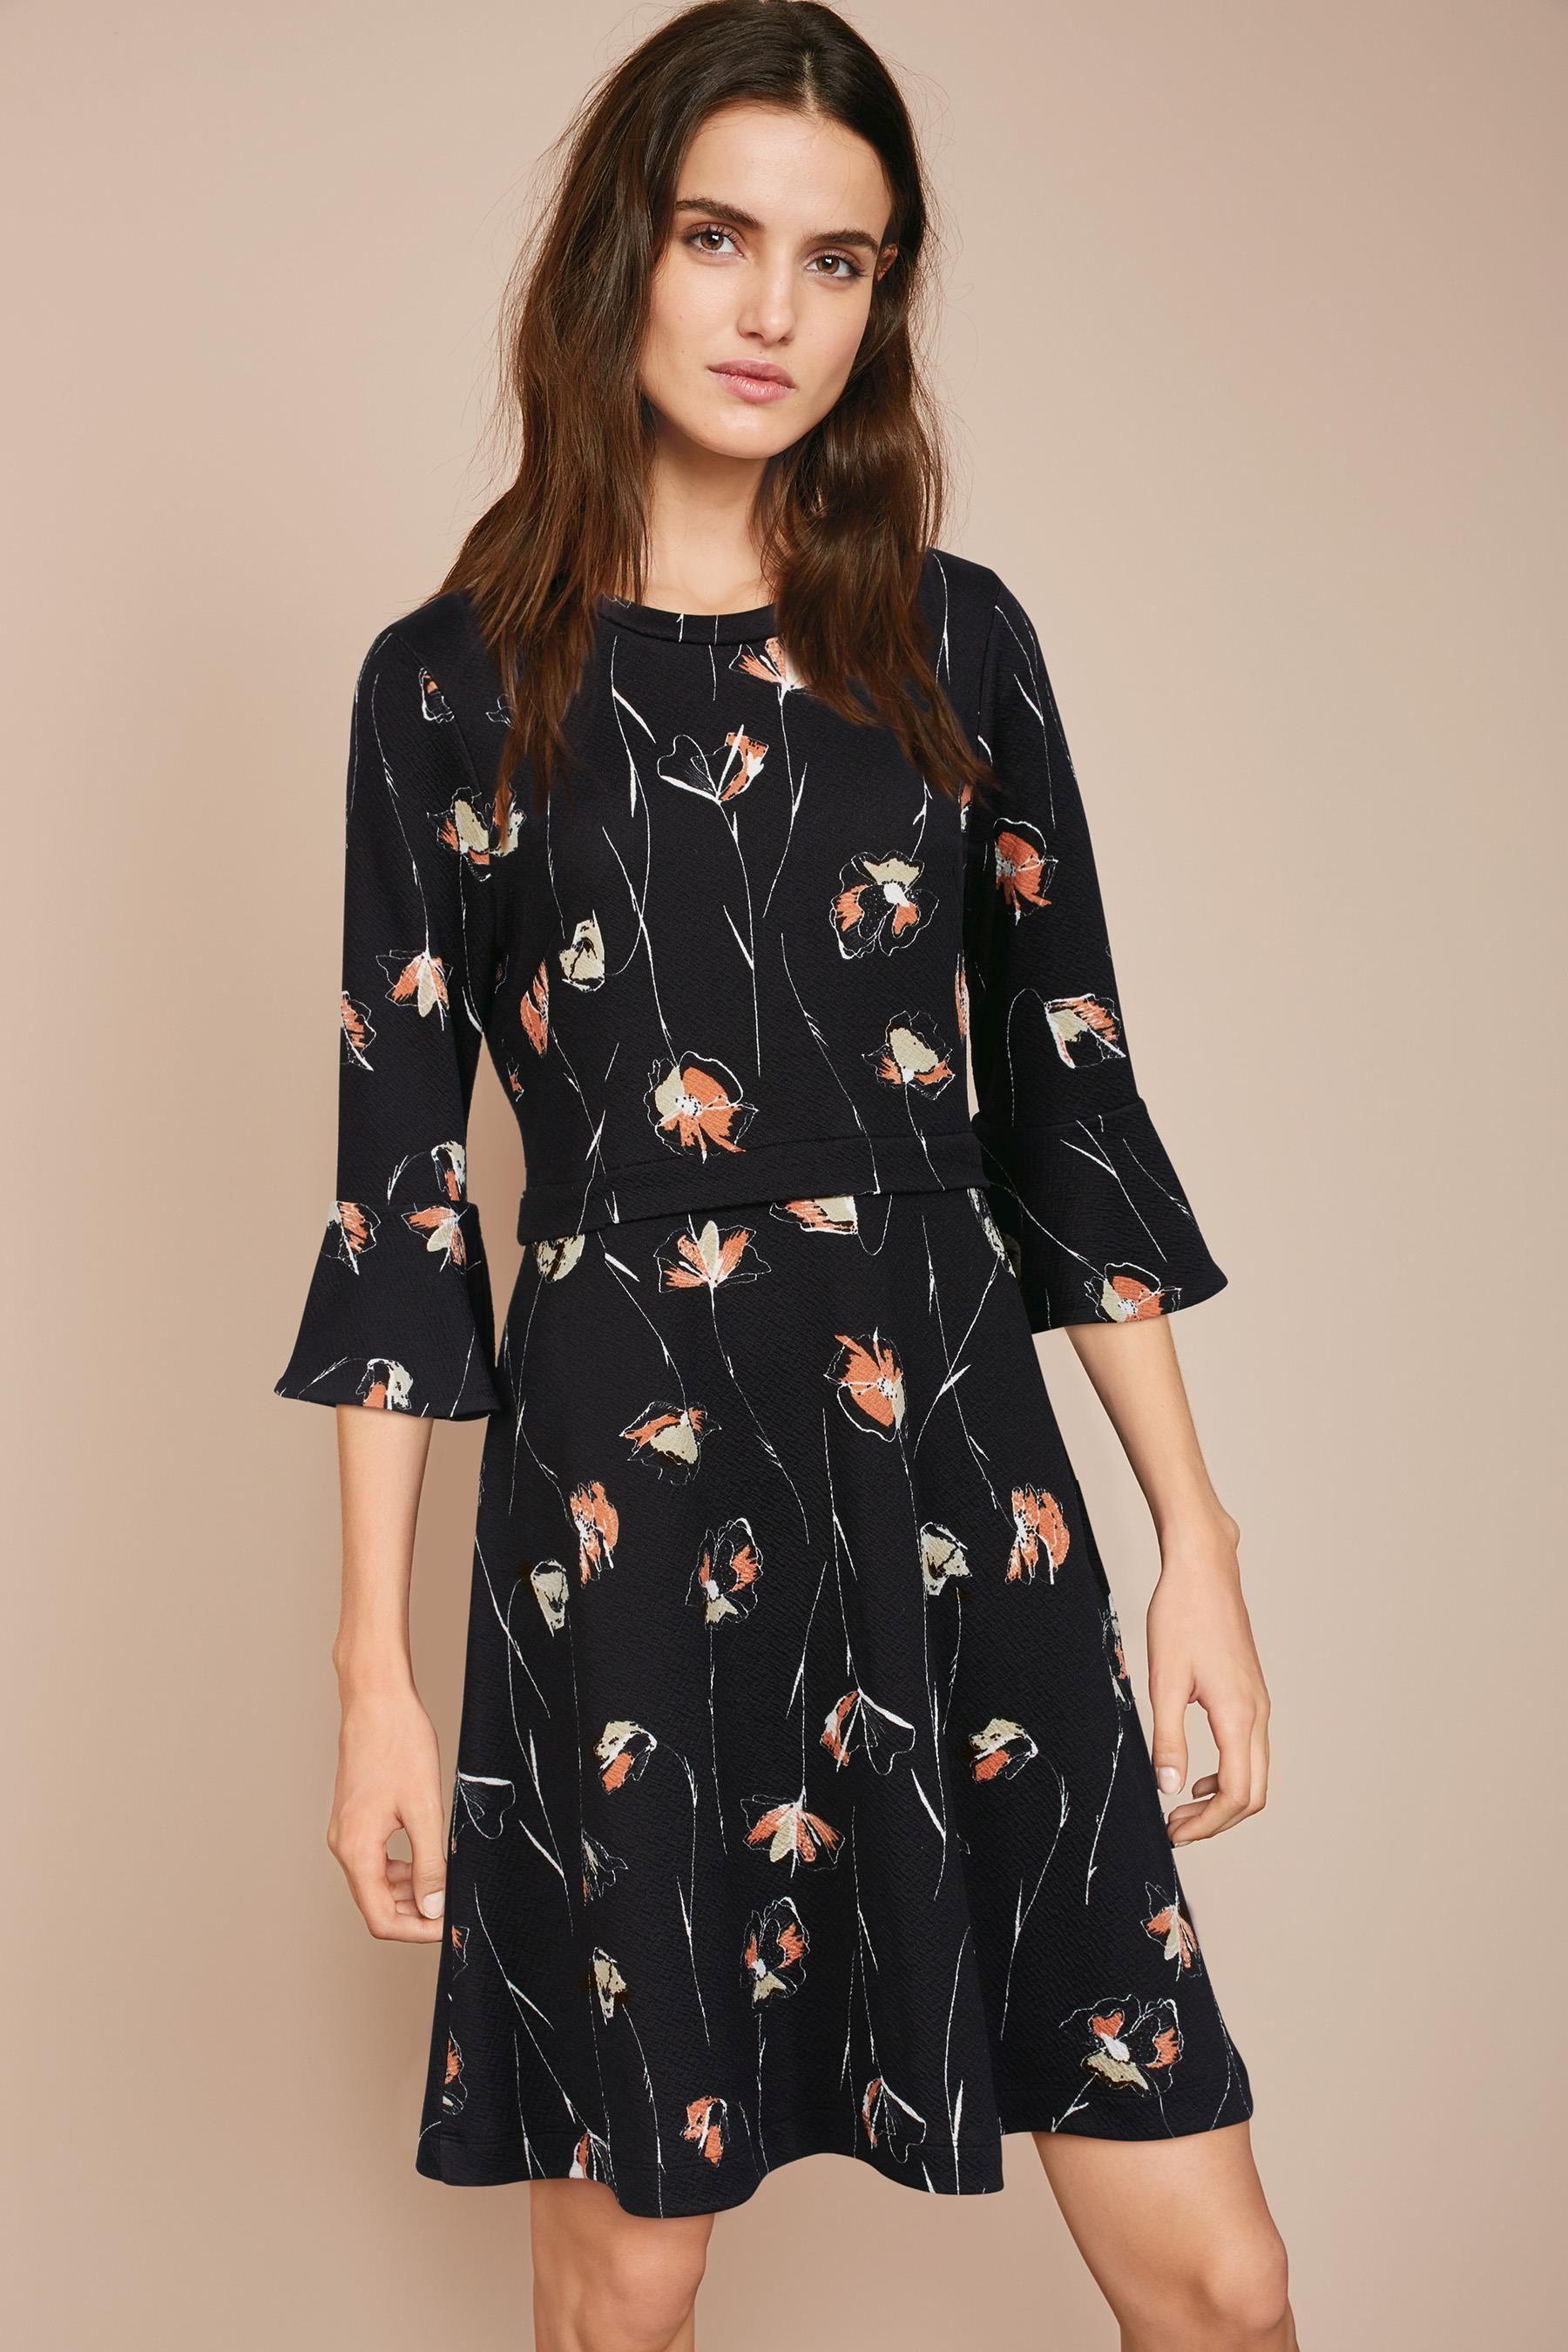 formal dresses uk online shops